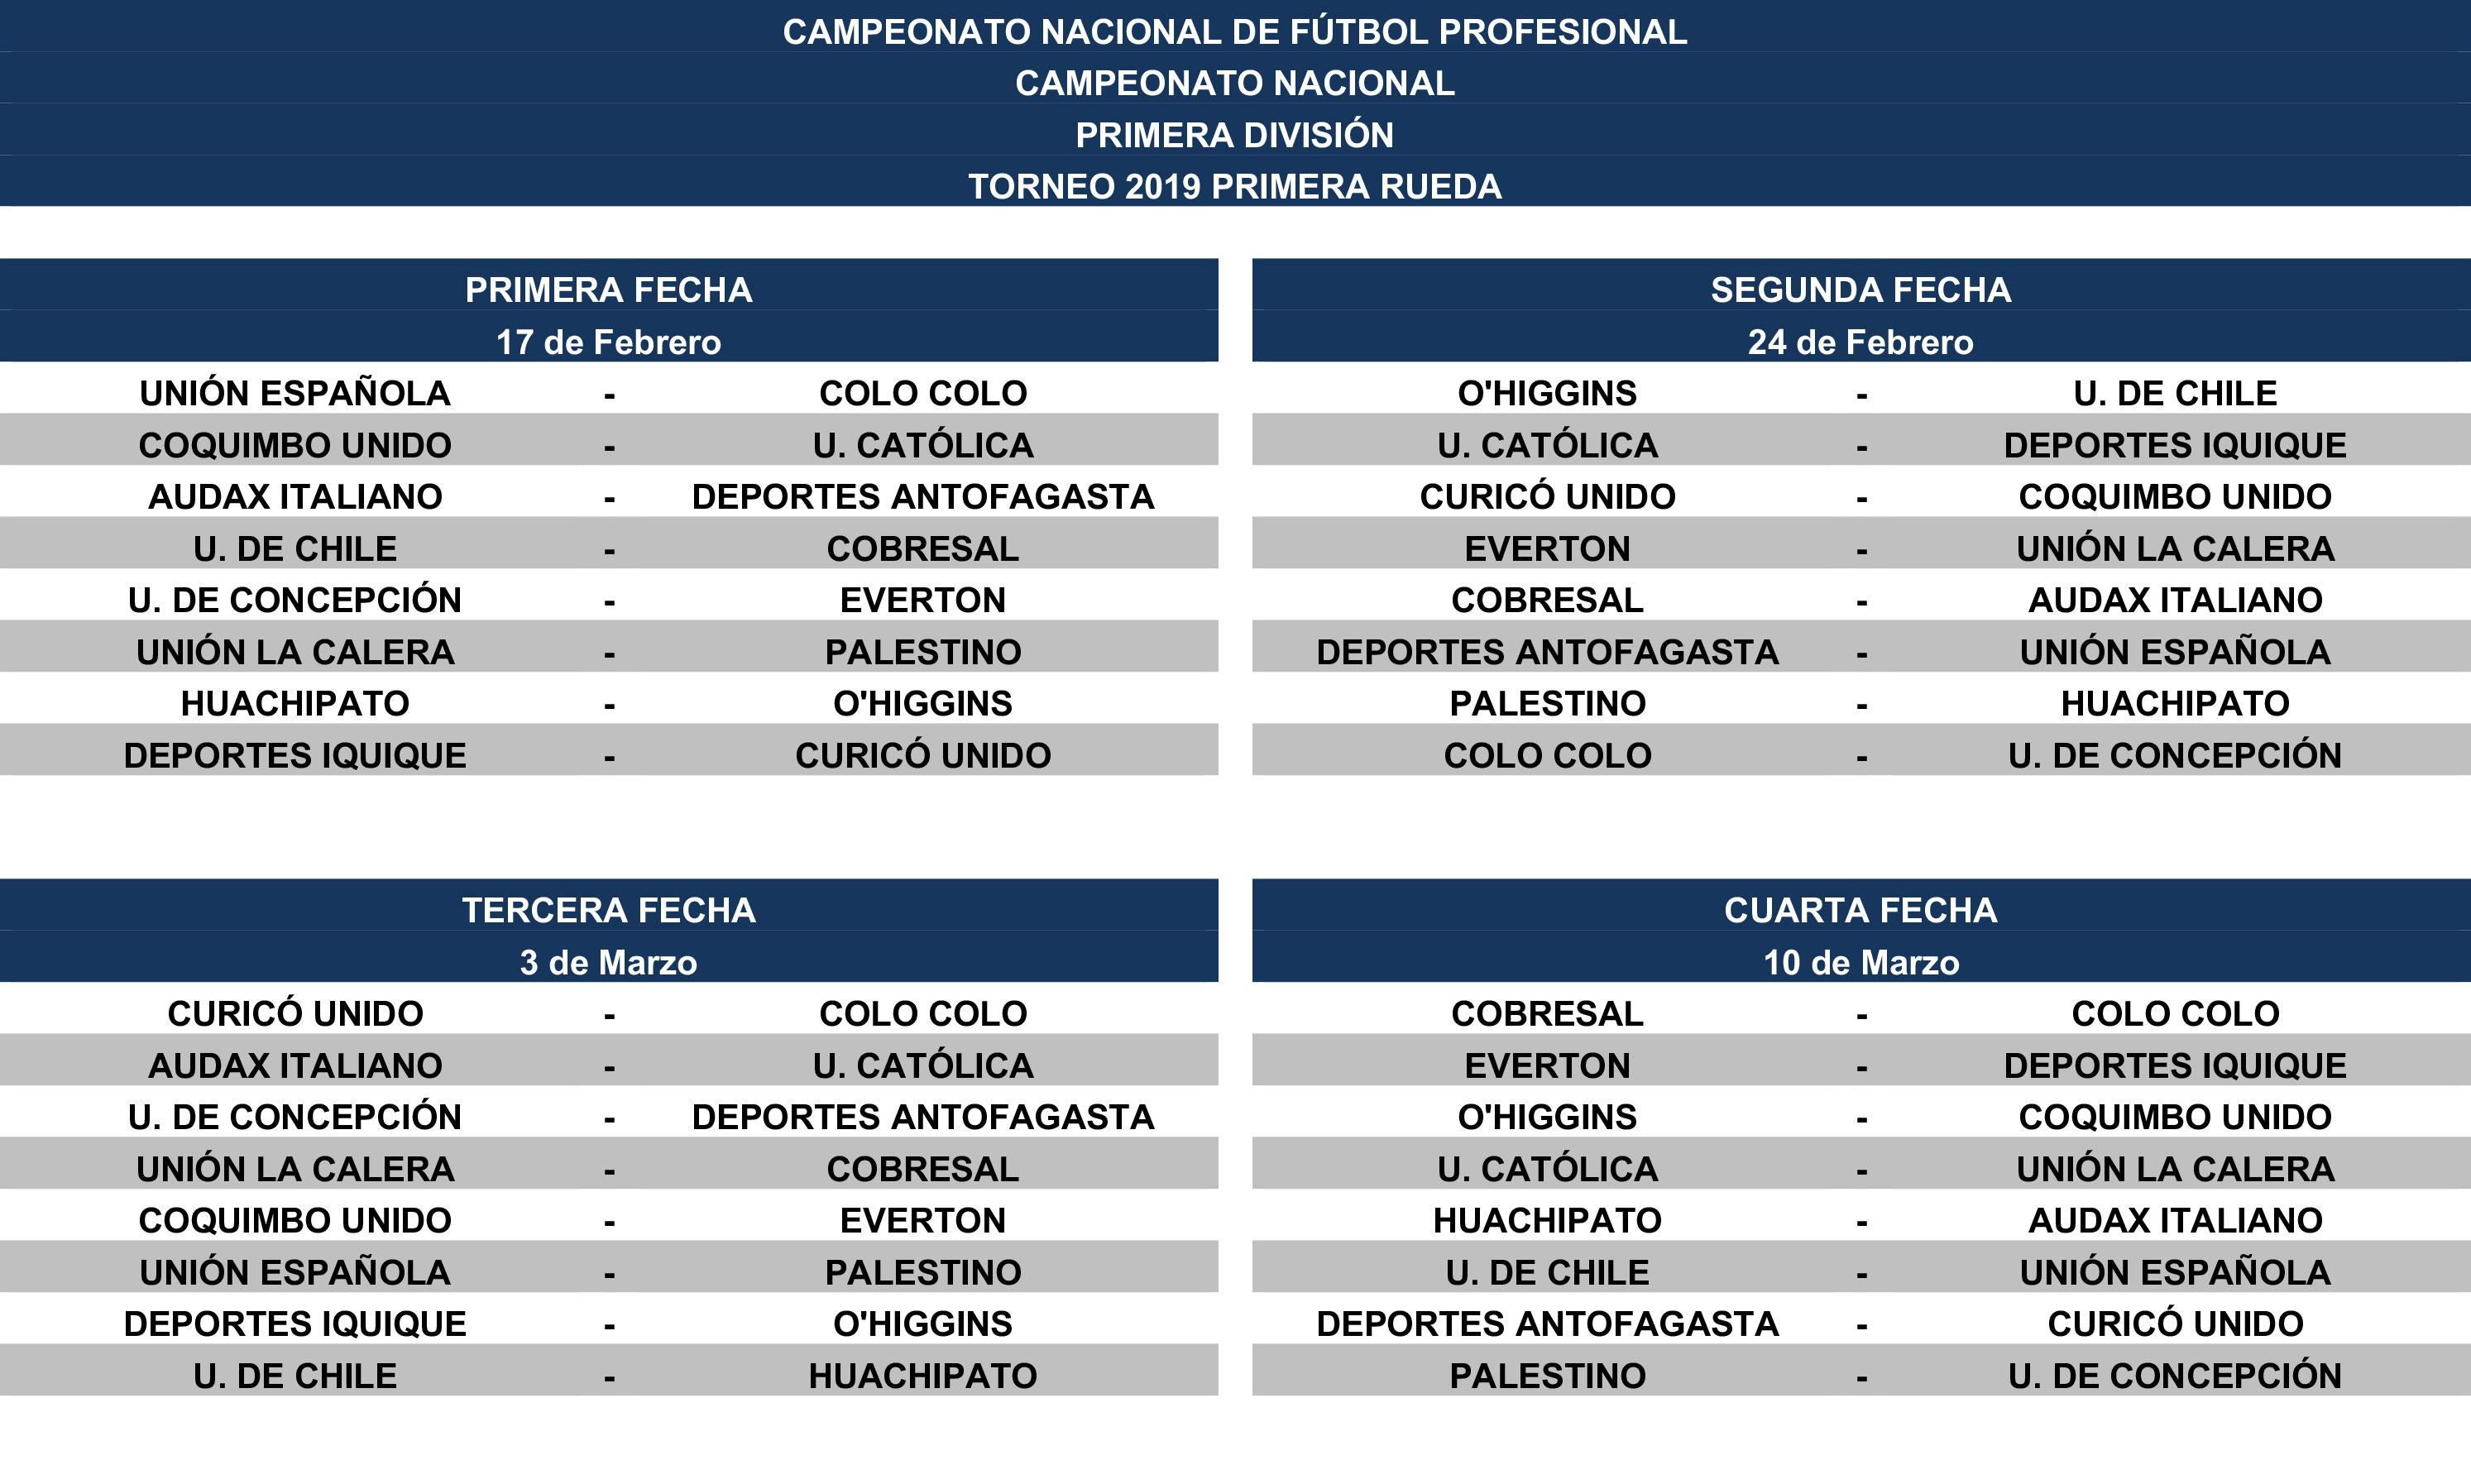 Calendario De Segunda Division De Futbol.Conoce El Fixture De La Primera Rueda De La Primera Division 2019